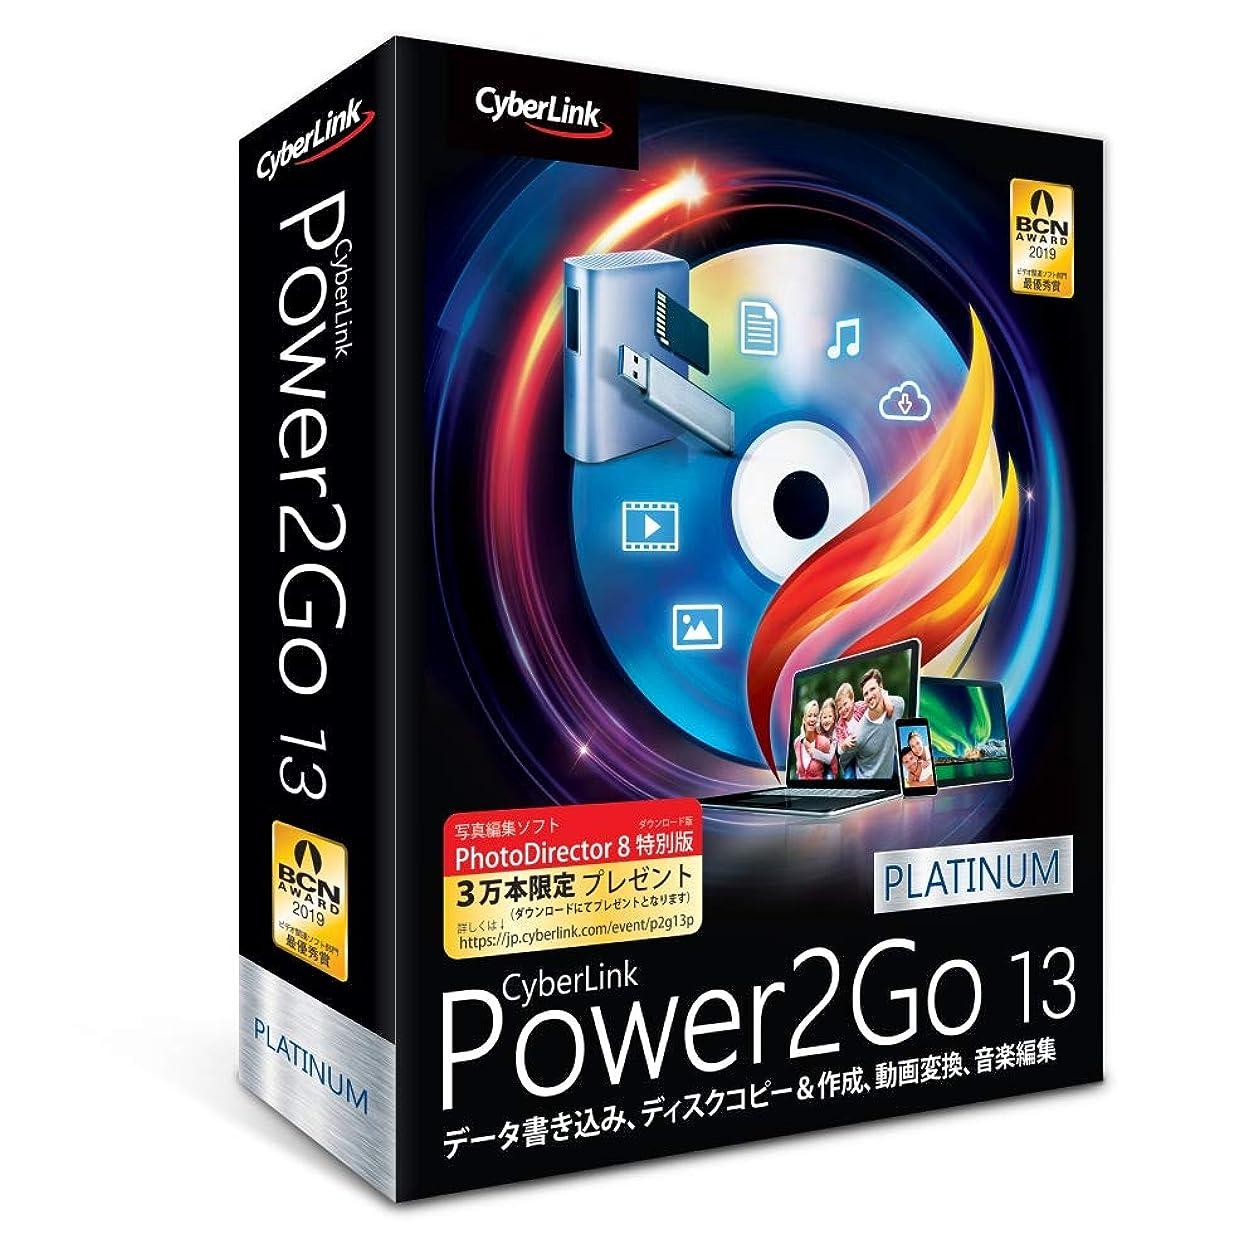 カプラー妖精ぴかぴかサイバーリンク Power2Go 13 Platinum 通常版/ディスク書き込み/オーサリング/メディア変換/バックアップ